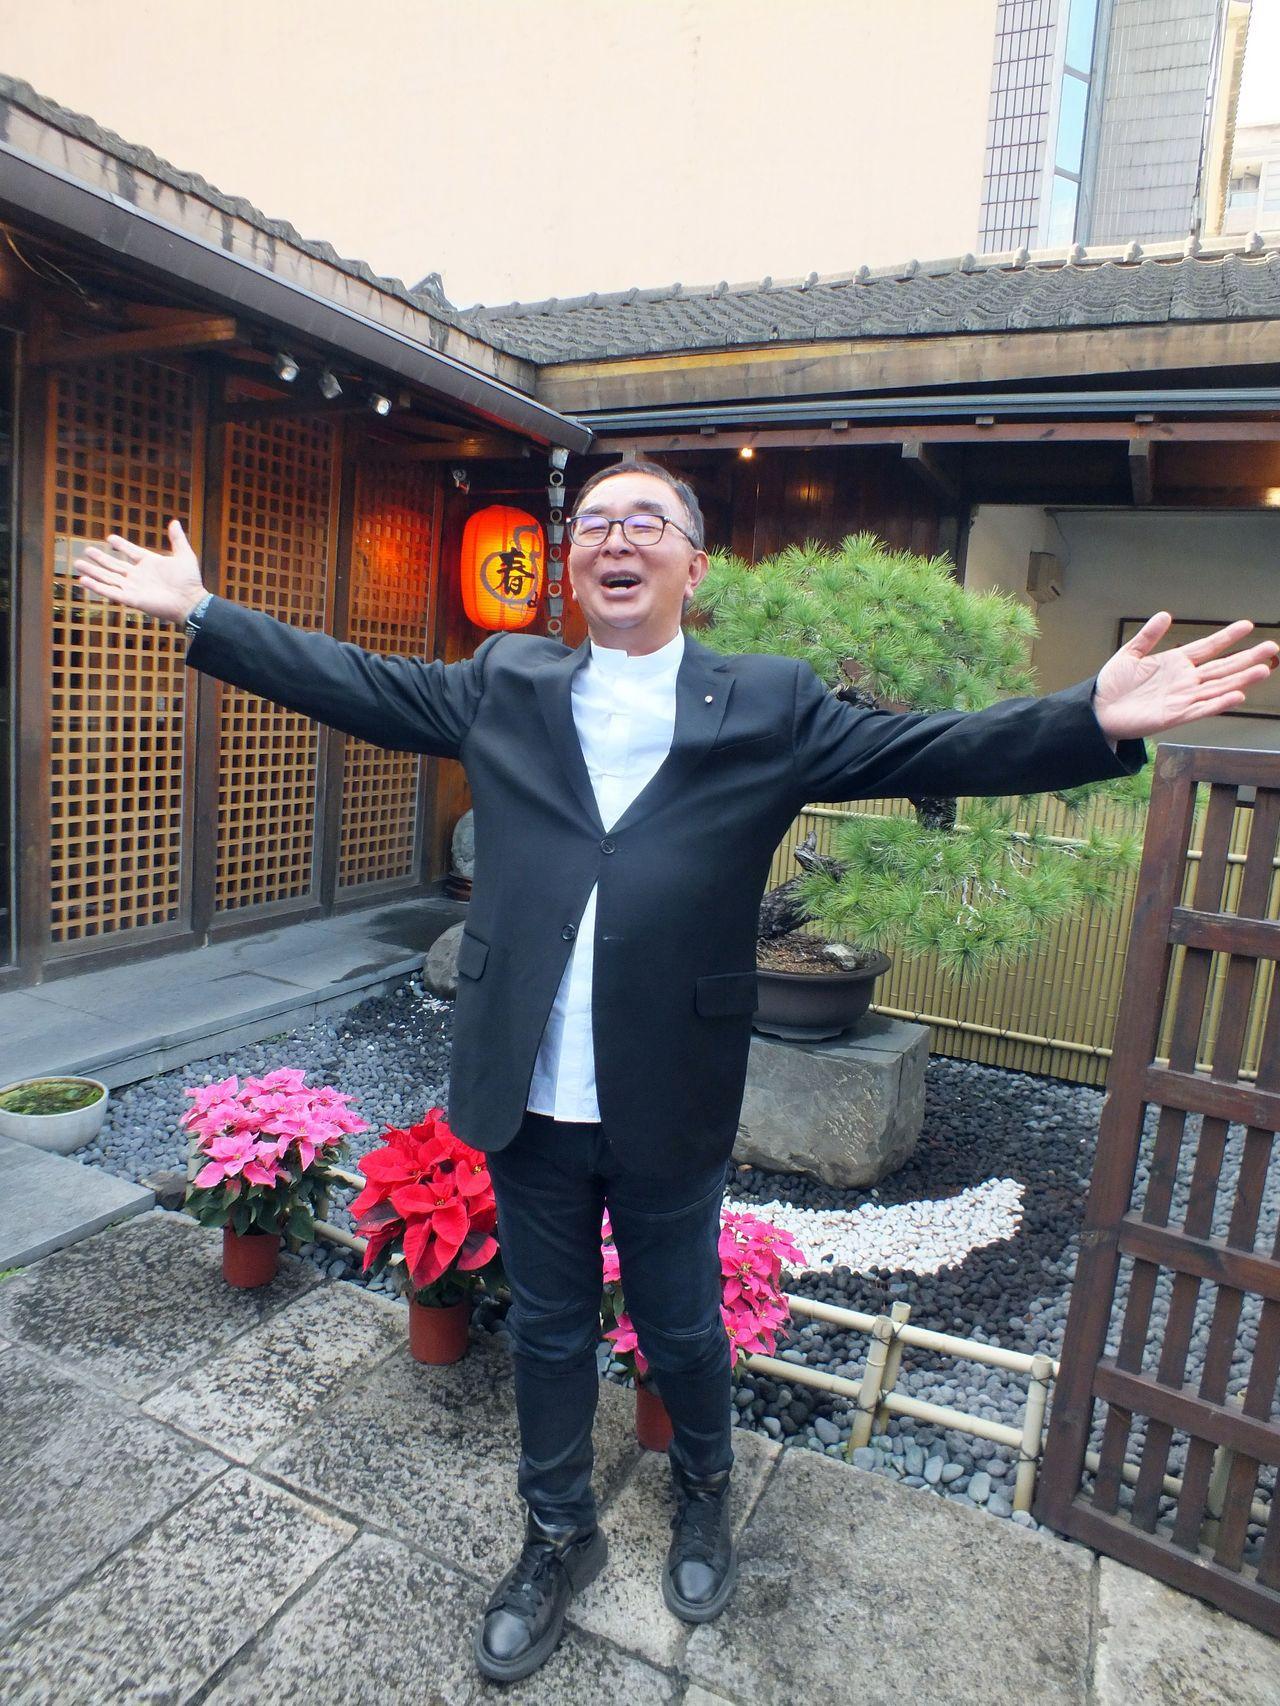 麗明營造25周年慶,平安夜將在國家歌劇院辦感恩音樂會,麗明營造董事長吳春山將登台...